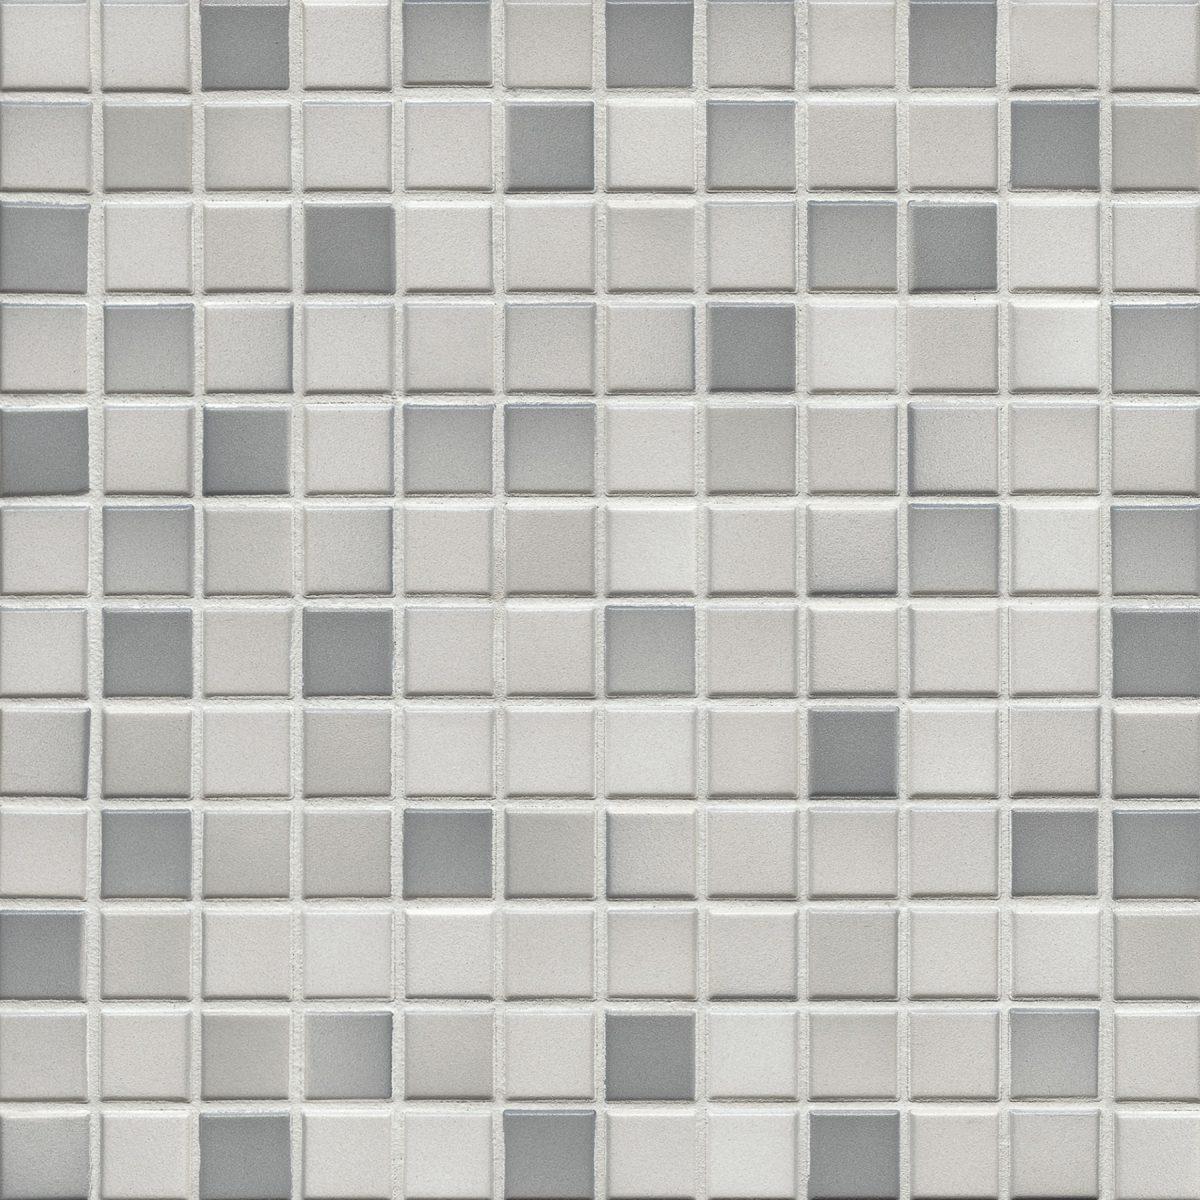 Мозаика серия Fresh 2,4 X 2,4 см Light Gray Mix Secura (противоскользящая R10/B)